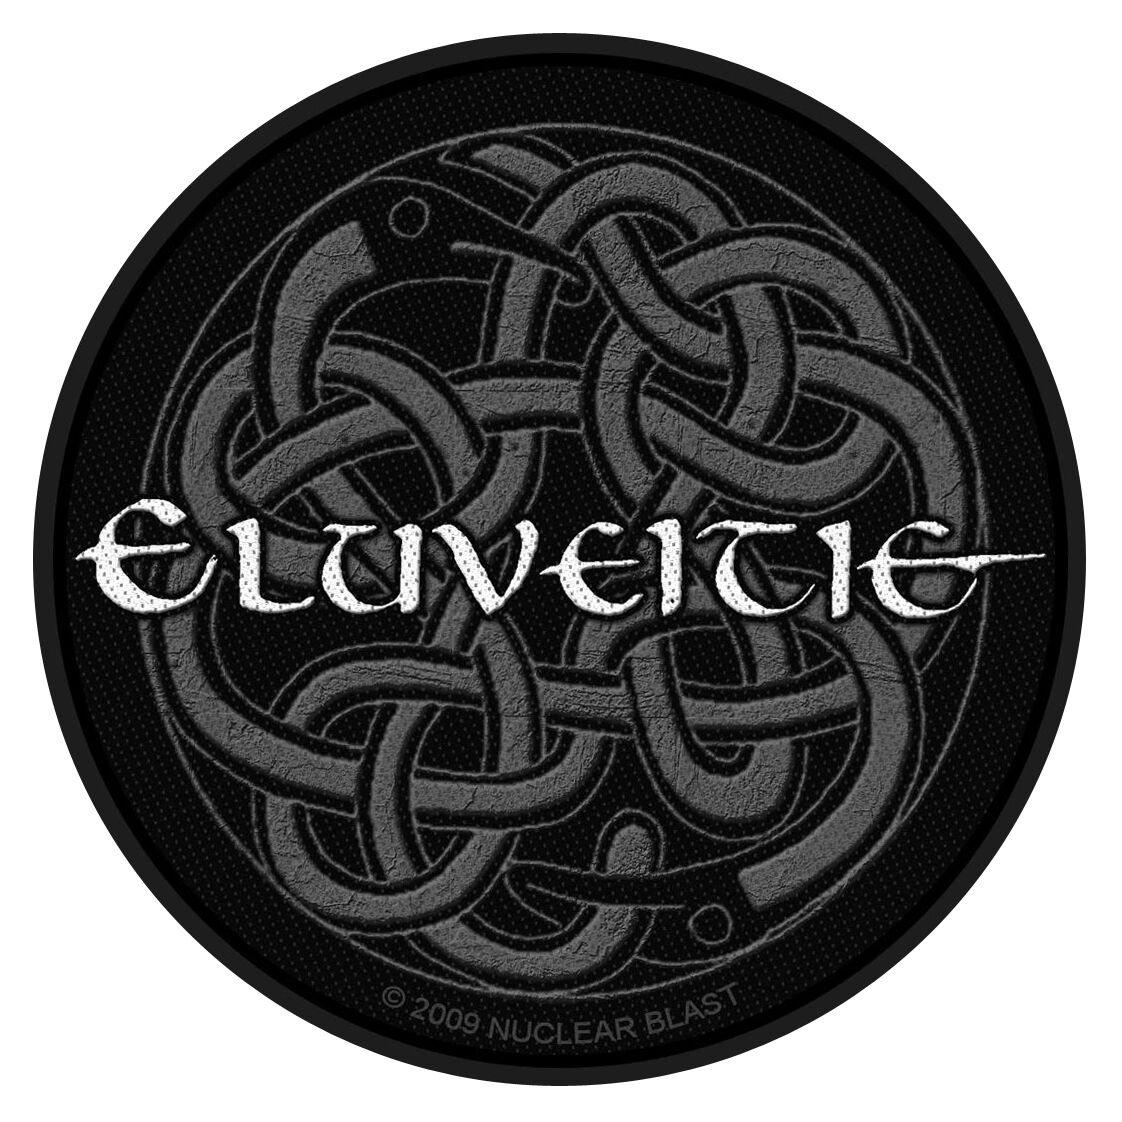 Eluveitie  Eluveitie Logo  Patch  schwarz/grau/weiß